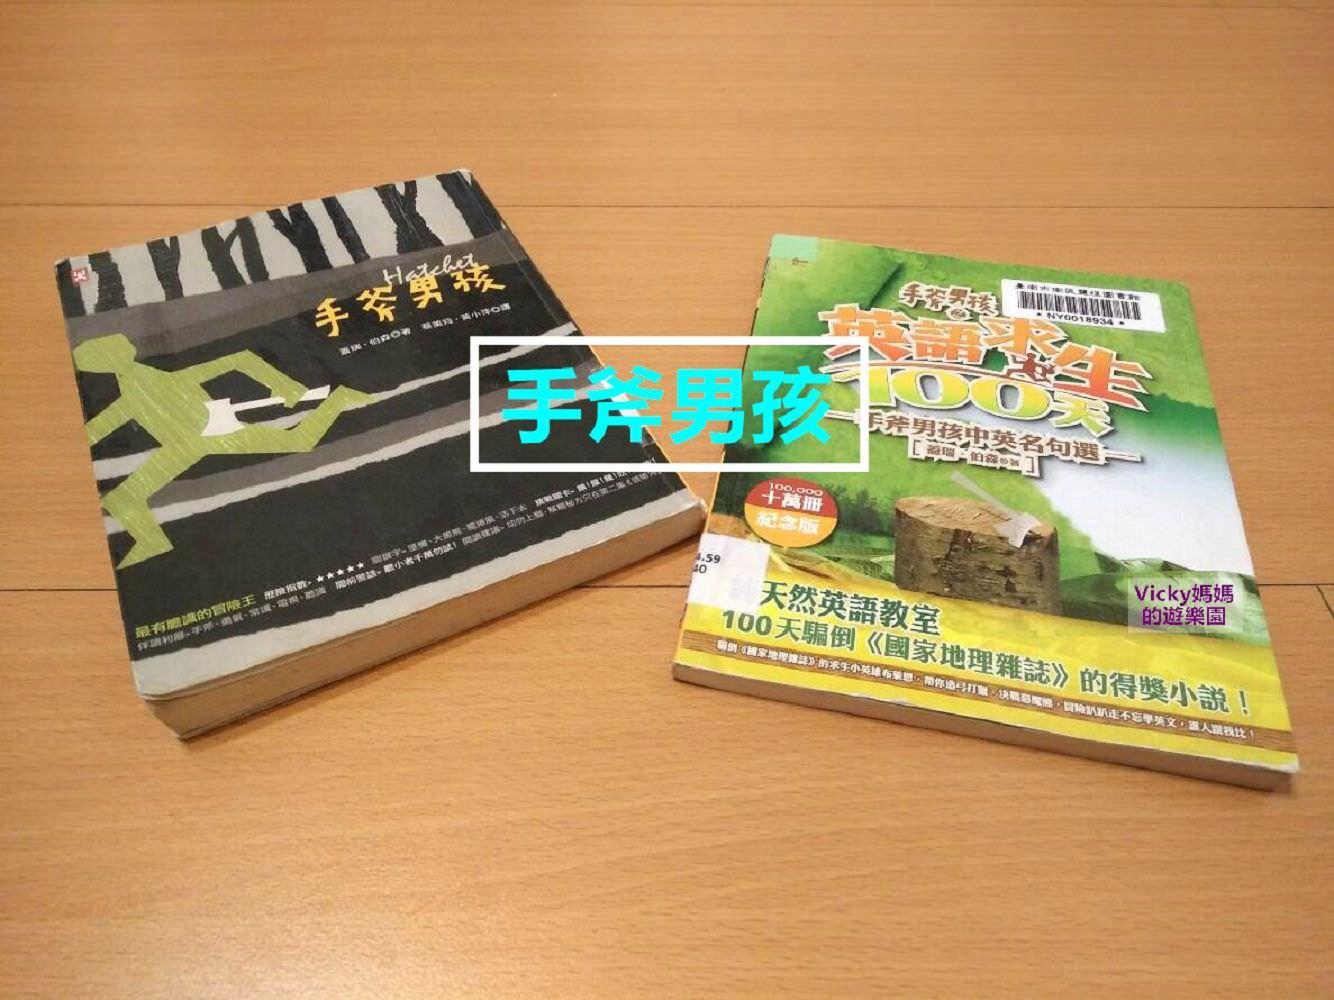 少年小說︱手斧男孩︱看小說學英文,暢銷全球2,000,000冊,好看又好聽的少年小說